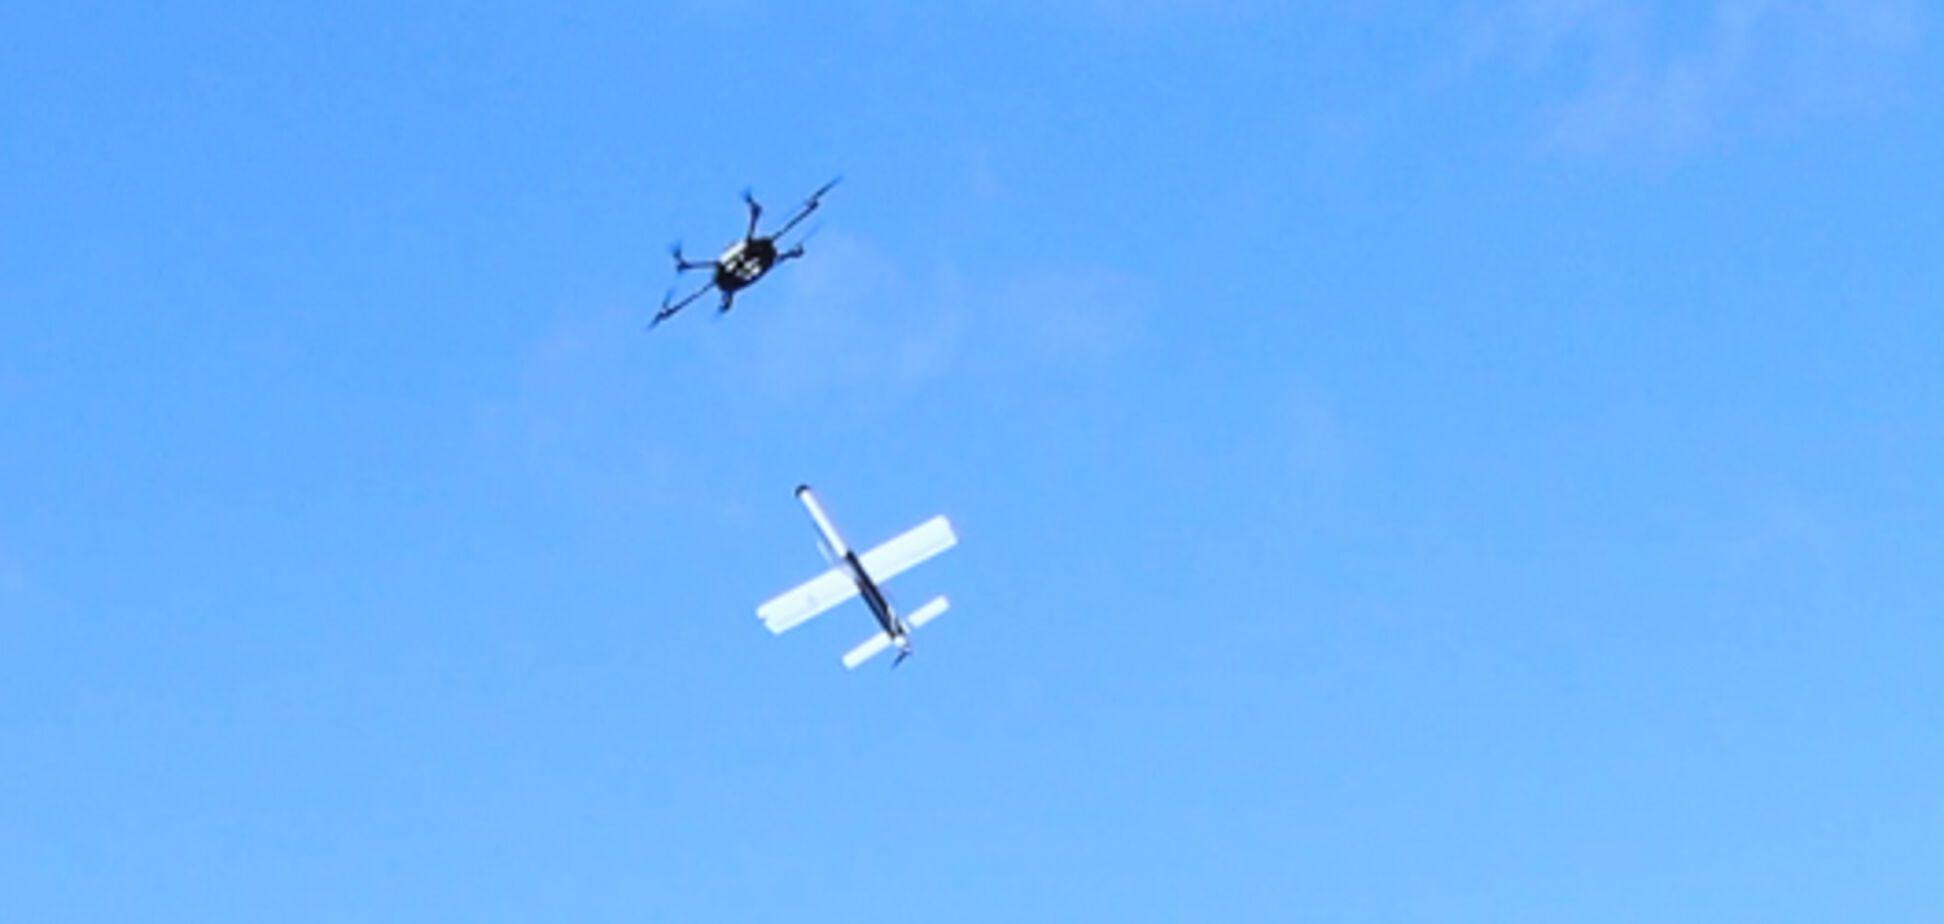 Удар з неба: в Україні випробували дрон-камікадзе 'Грім'. Фото і відео